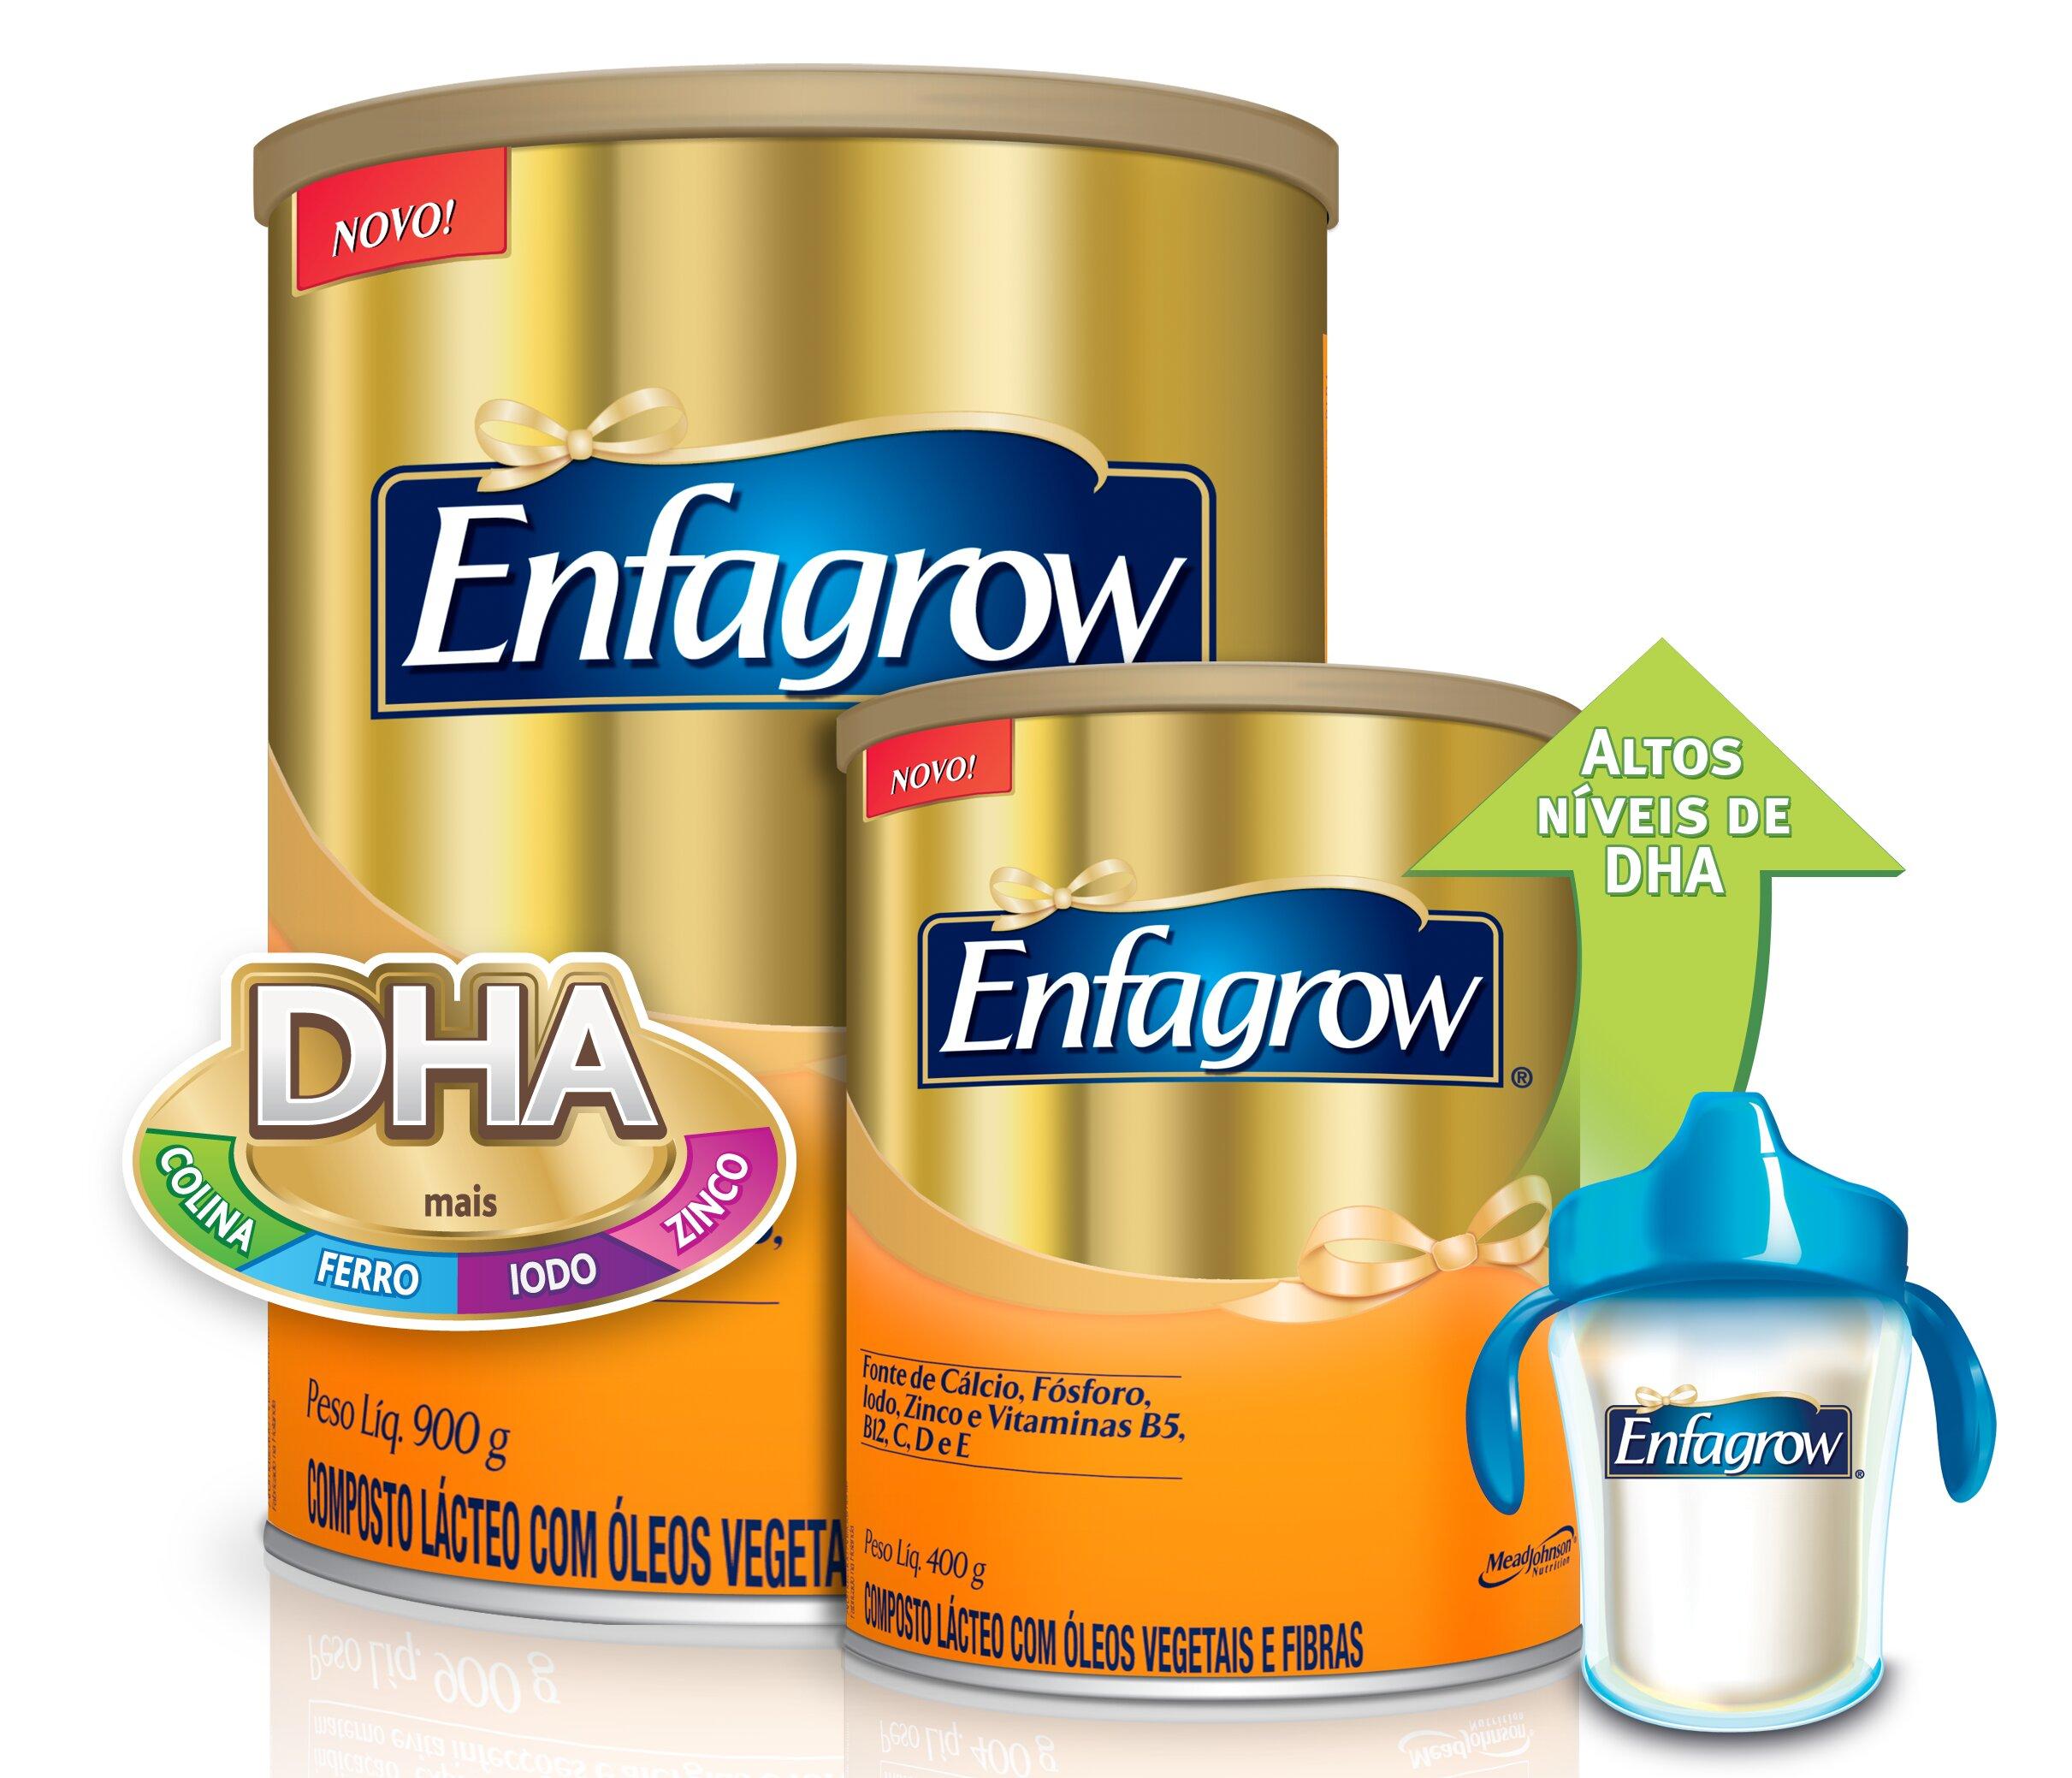 Bảng giá sữa bột Enfagrow mới nhất cập nhật tháng 2/2016